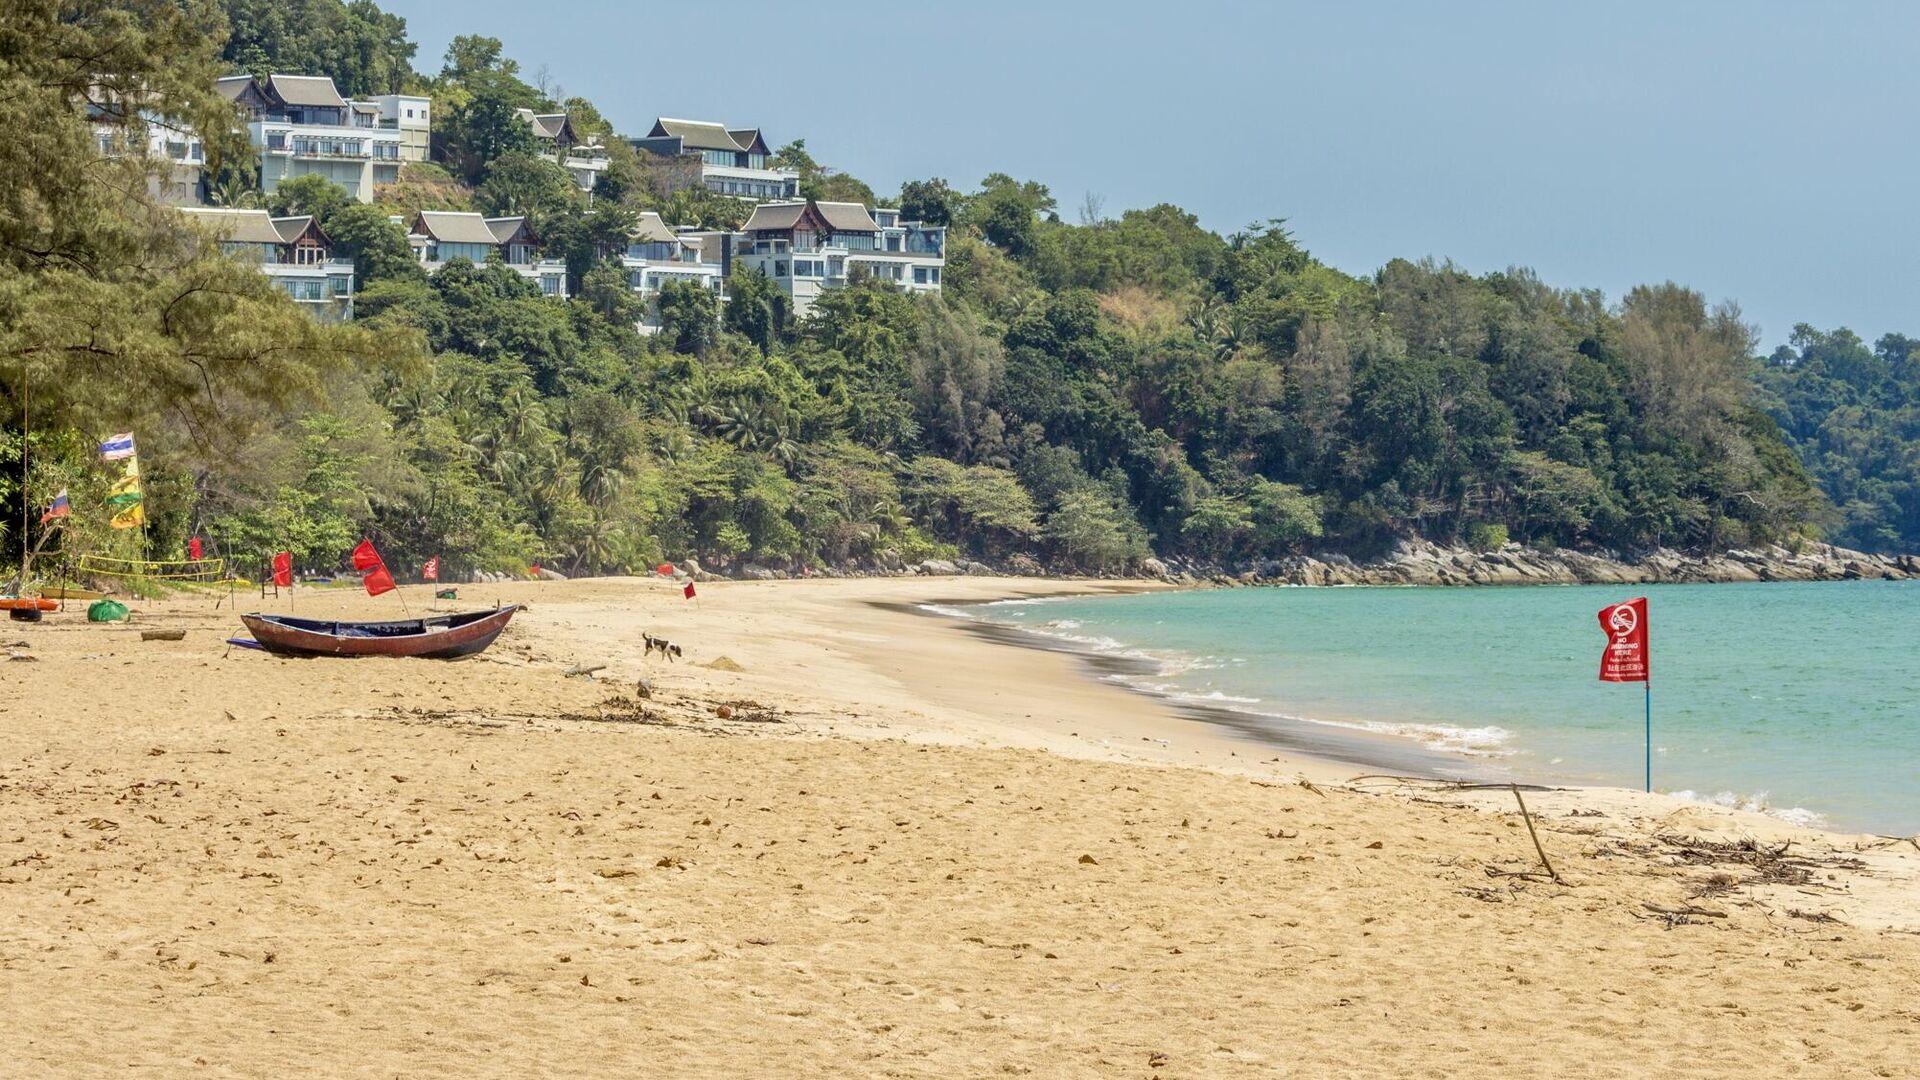 Пляж Найтон на острове Пхукет в Таиланде - РИА Новости, 1920, 03.03.2021